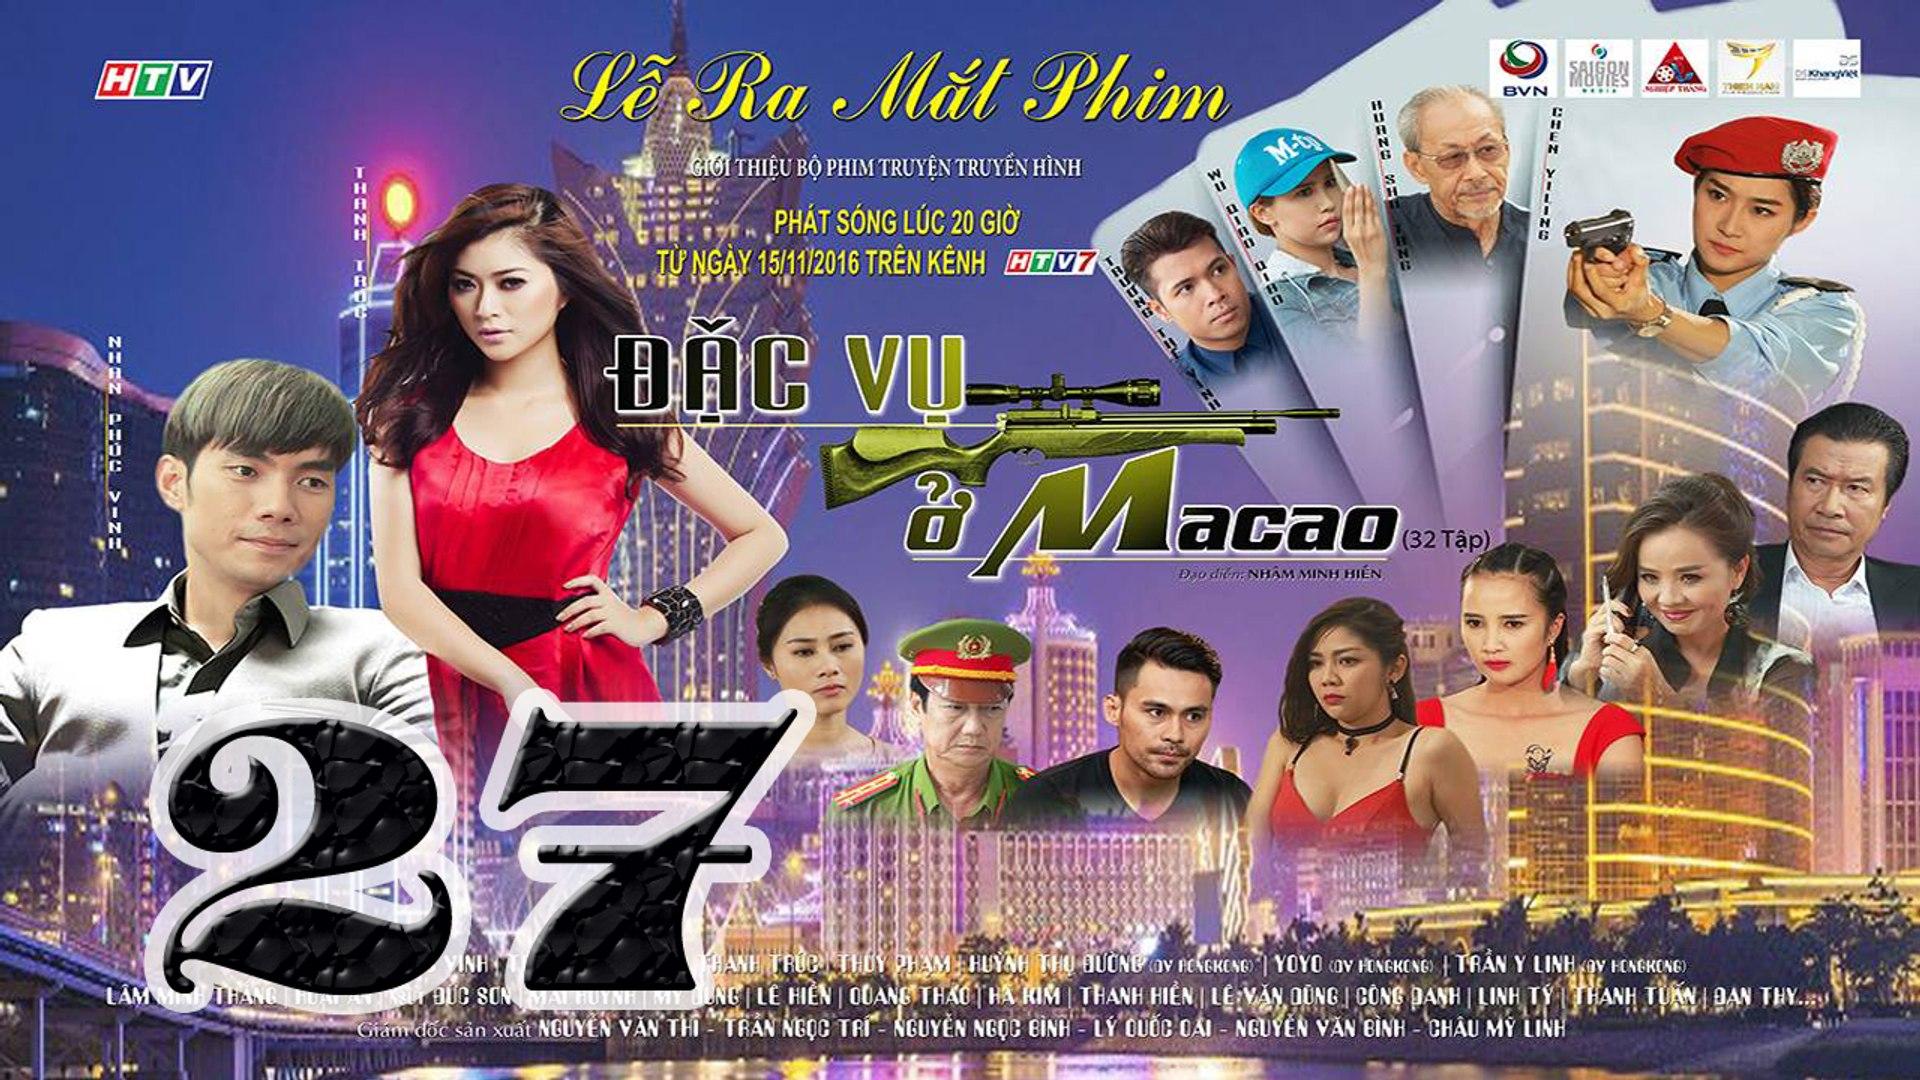 Đặc Vụ Ở Macao Tập 27 HTV7 - Phim Việt Nam